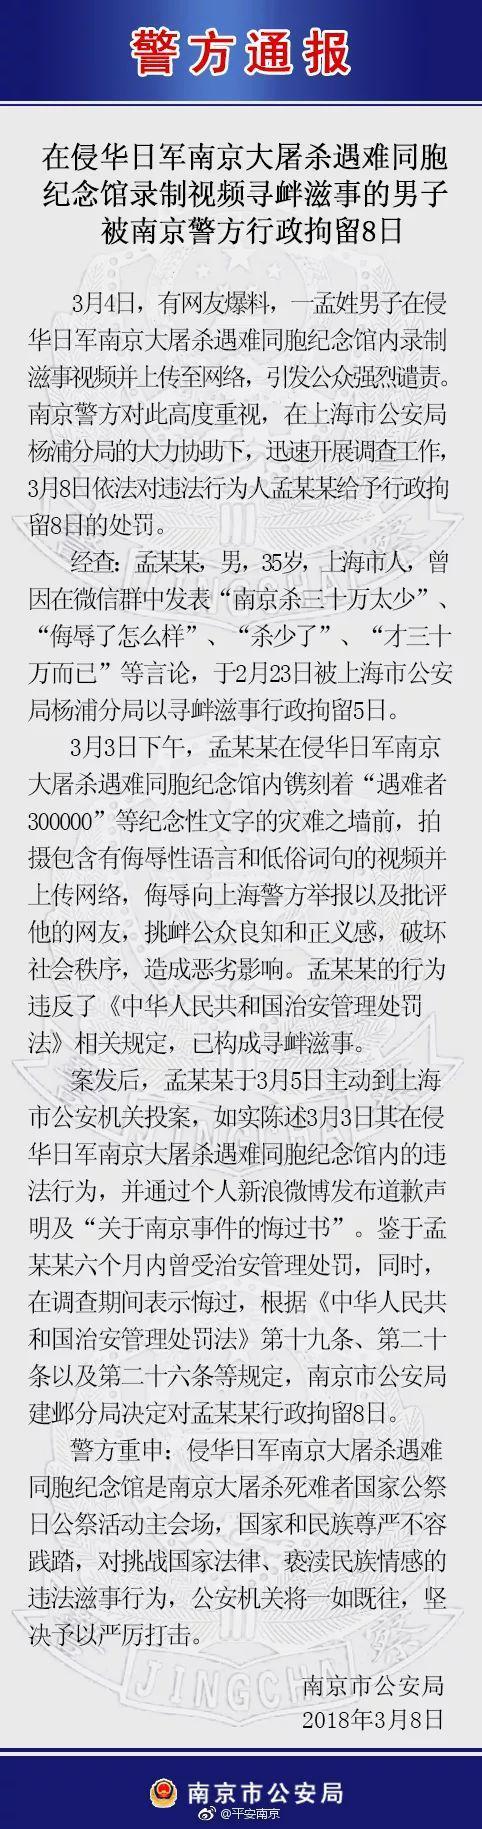 江苏彩快三走势图:记者会后_王毅怒斥这群人:中国人的败类